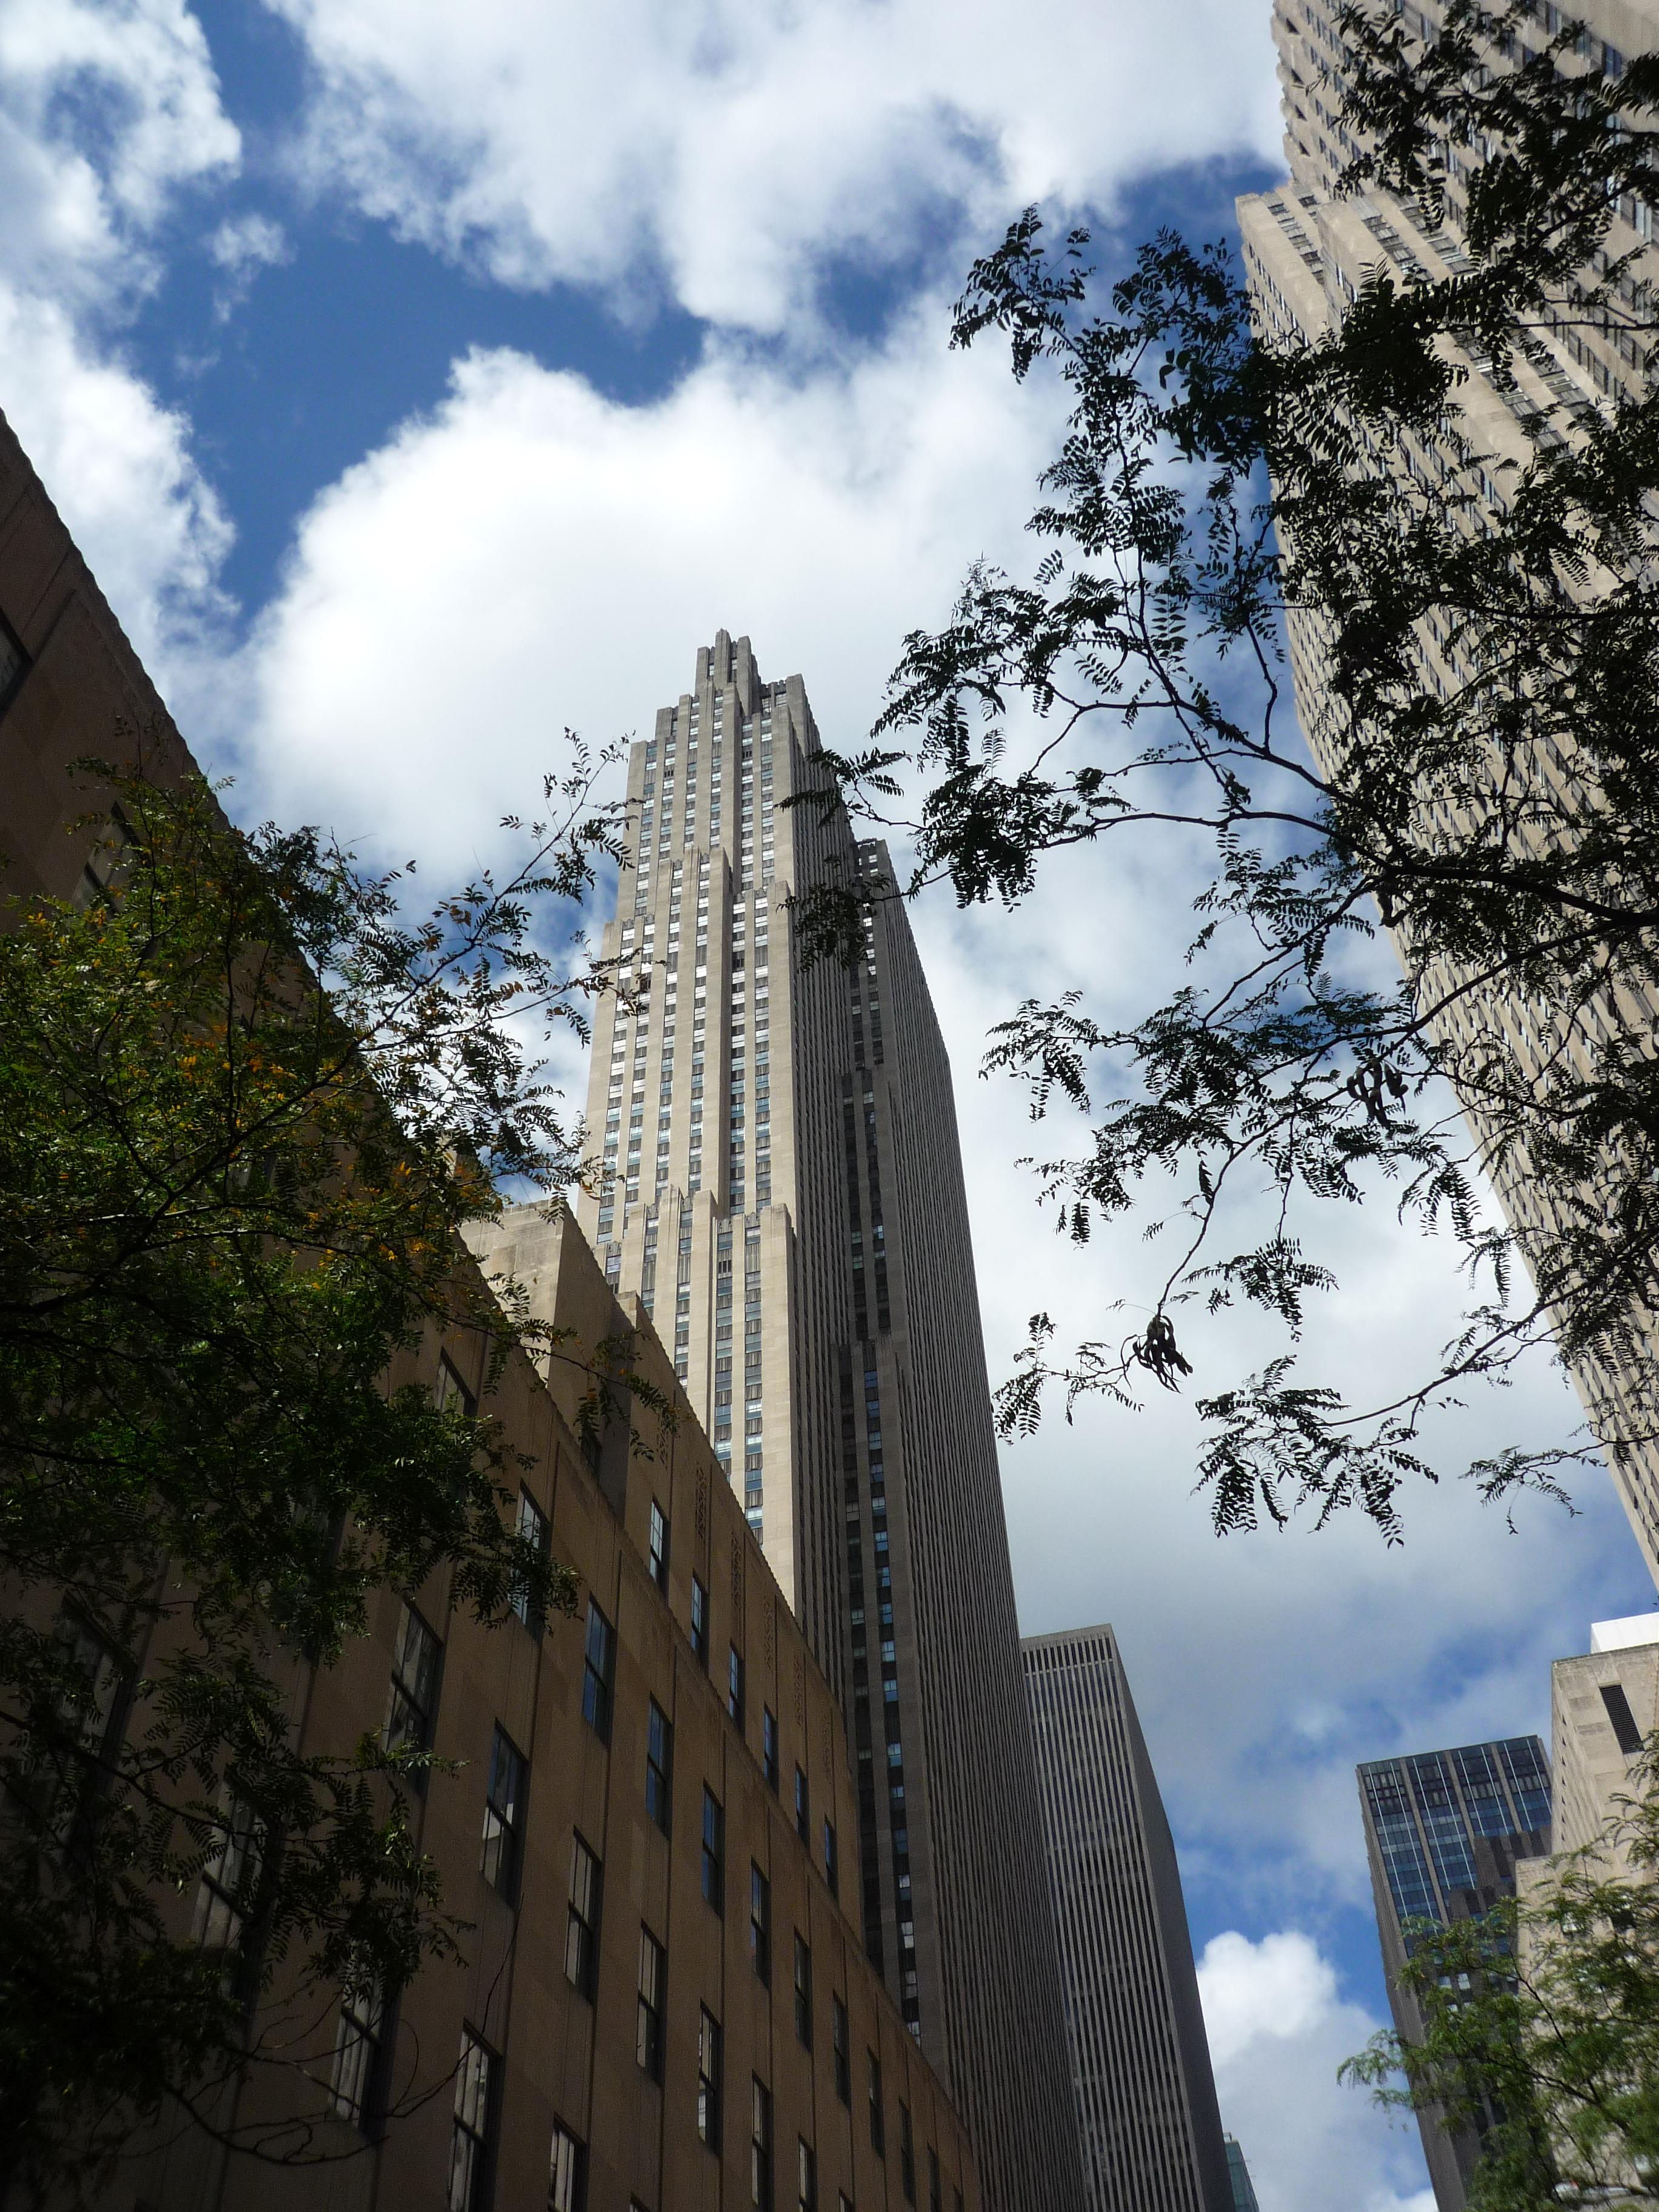 cielo rascacielos nueva york nueva york paisaje urbano centro de la ciudad torre estados unidos punto de referencia turismo bloque de pisos